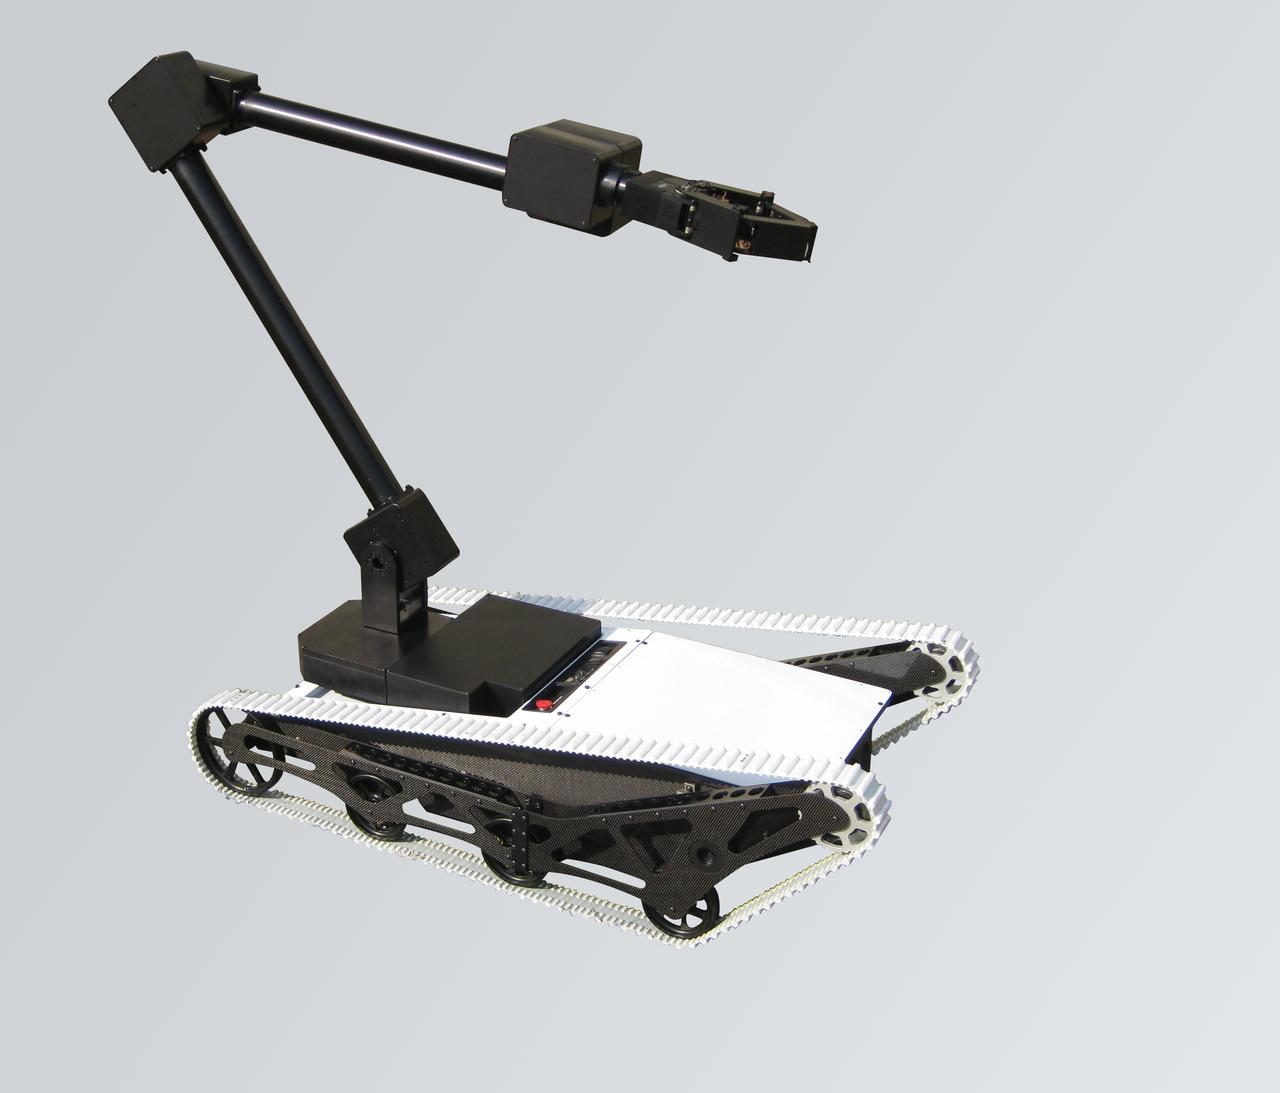 국방용로봇<br>- 위험물 제거 로봇